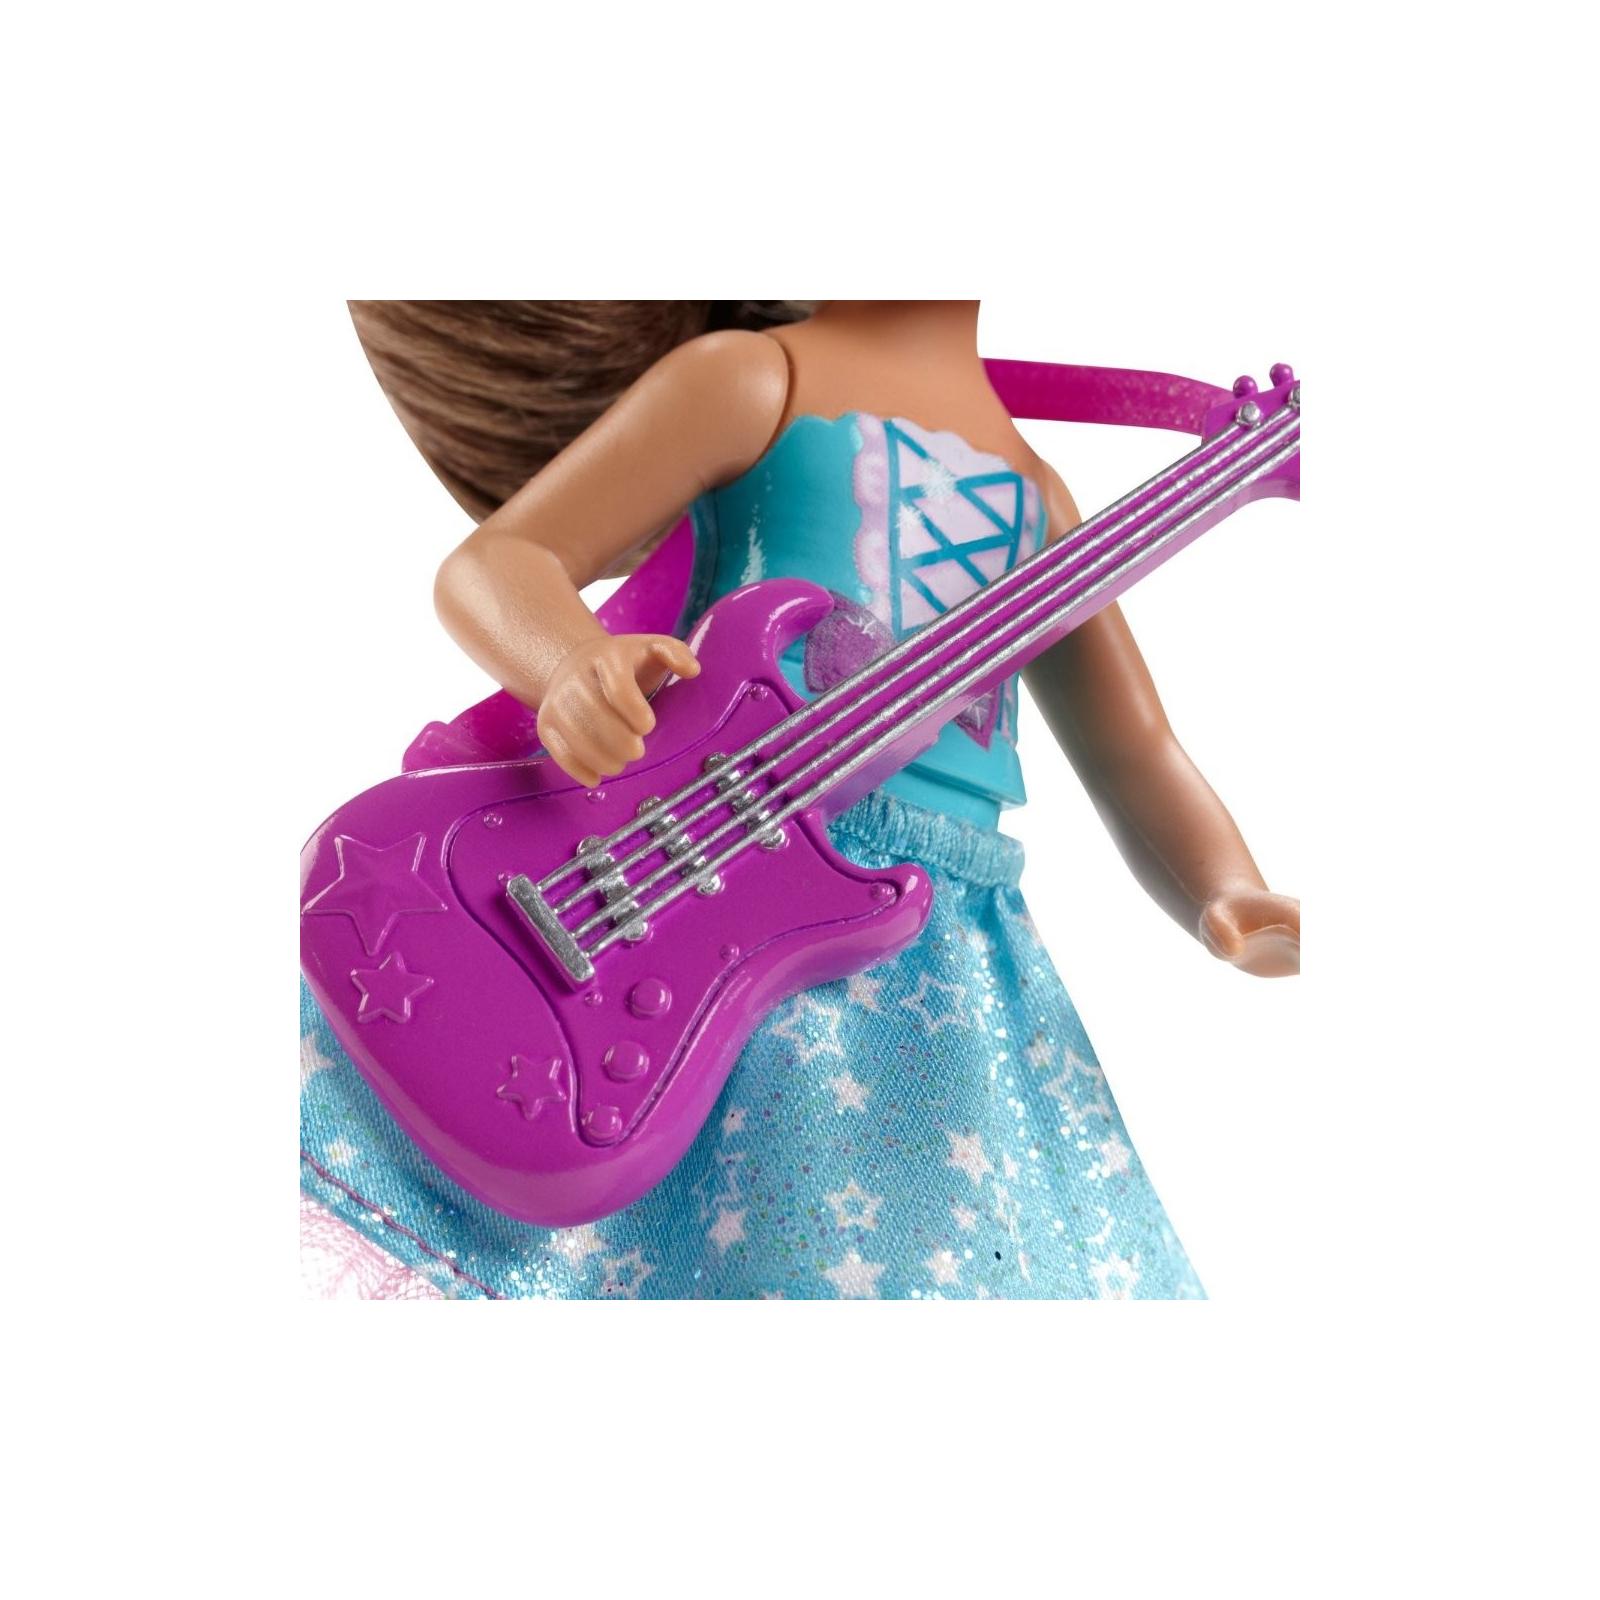 Кукла BARBIE Челси из м/ф Барби: Рок-принцесса с гитарой (CKB68-2) изображение 3